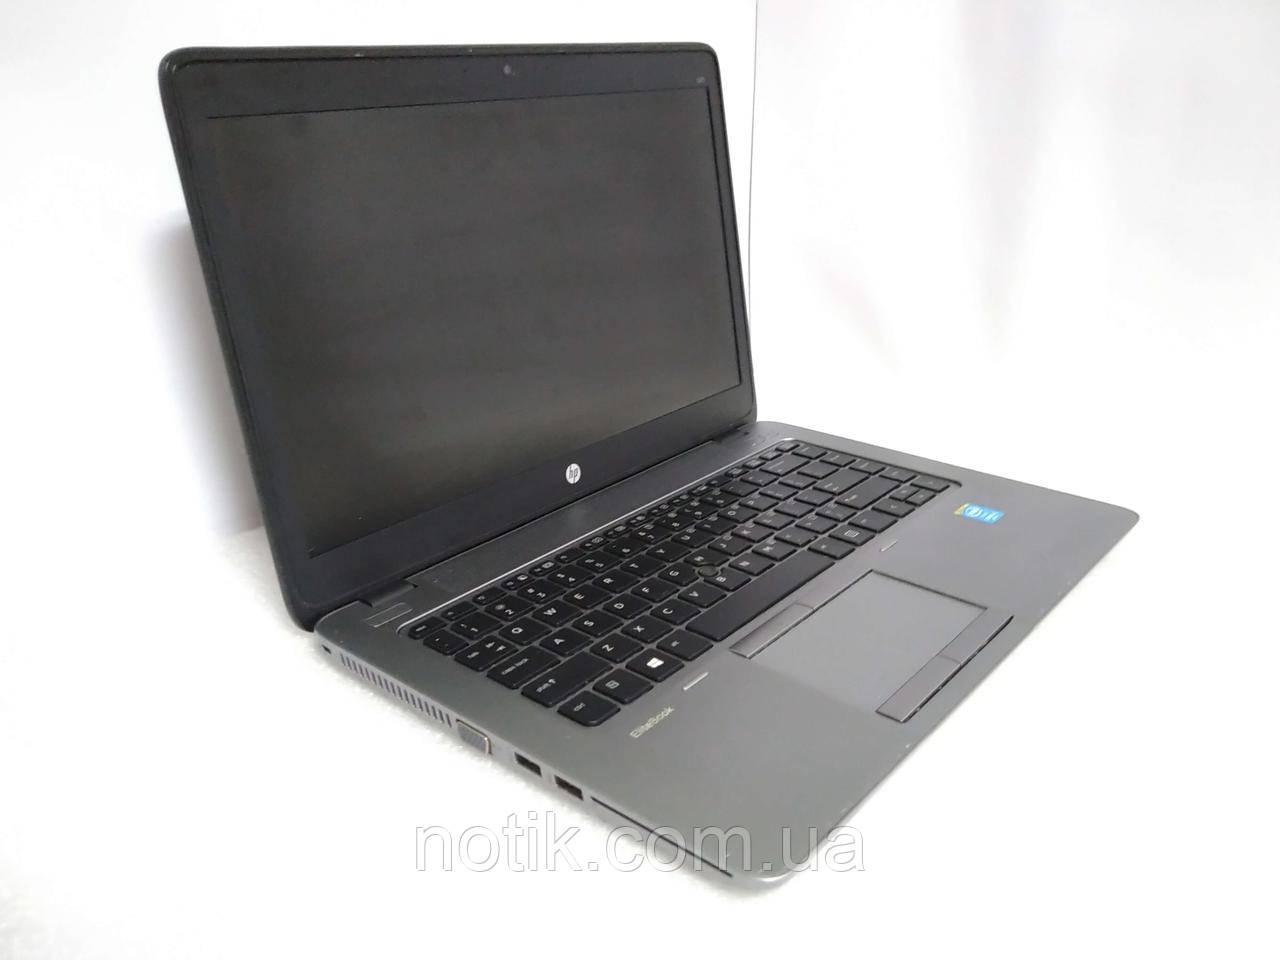 """Ультрабук HP 840 G2 i5-5300U/8Gb/250Gb/14"""""""